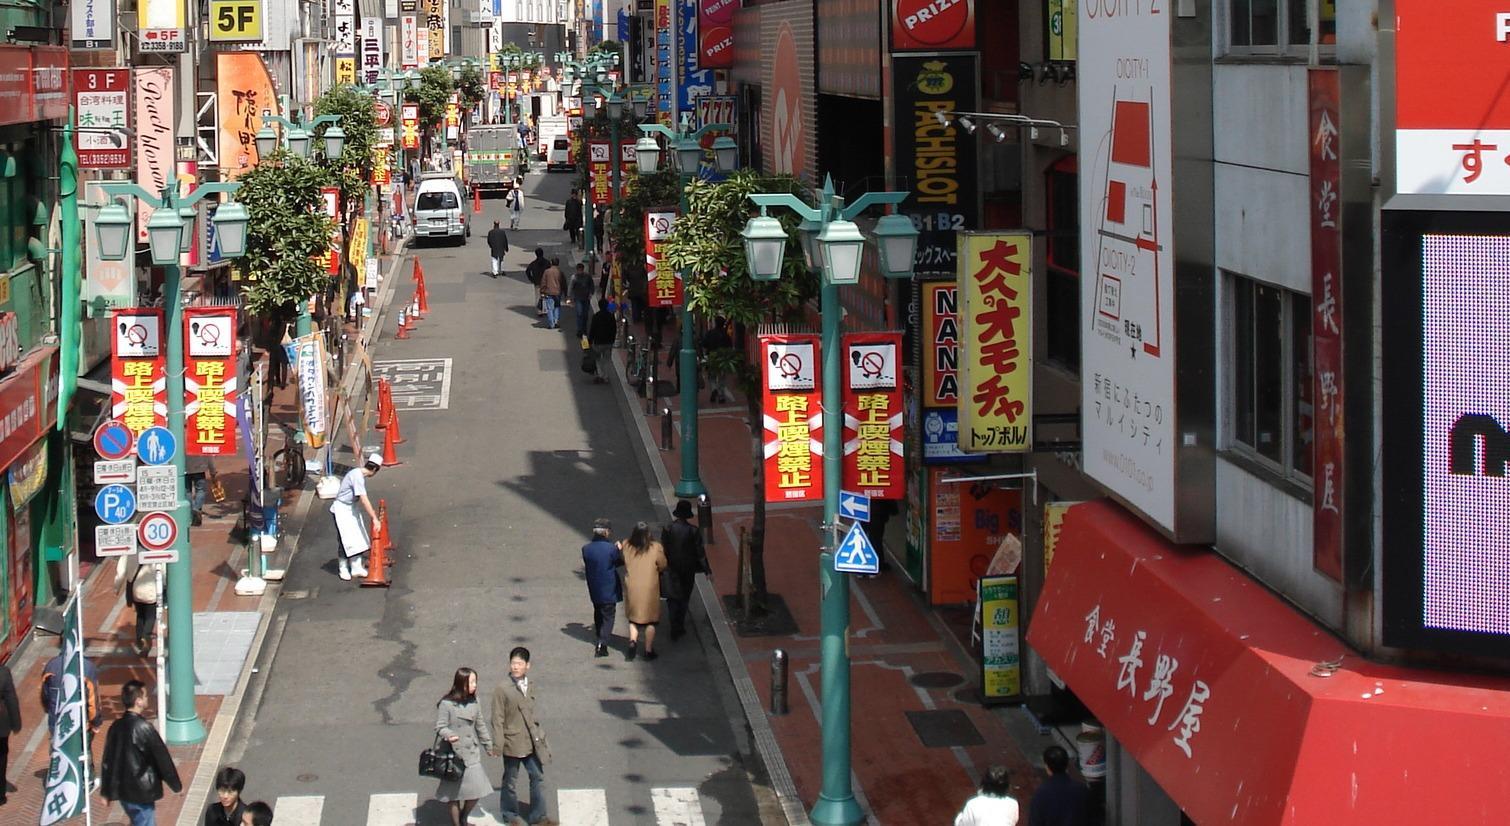 Las tendencias mundiales y su impacto en las metròpolis actuales